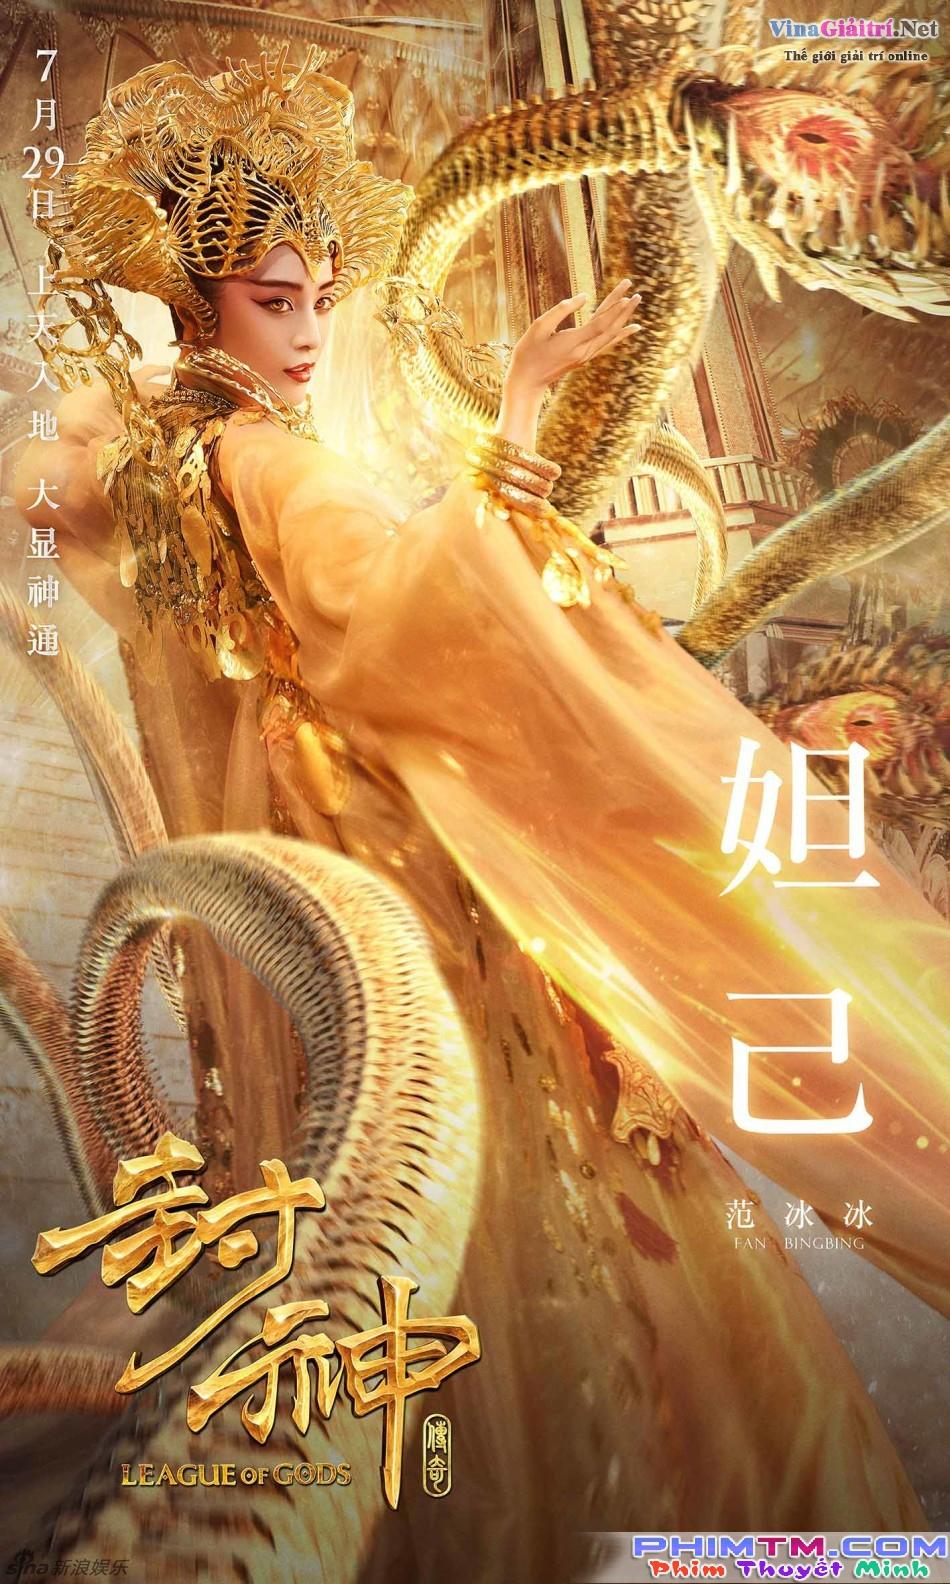 Phong Thần Truyền Kỳ - Image 3